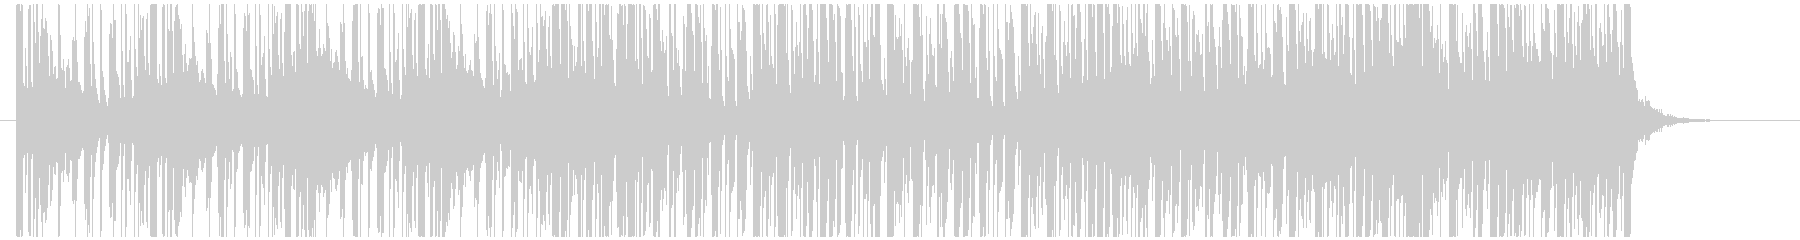 ヴィンテージ感あるフアンク系ジングルの未再生の波形